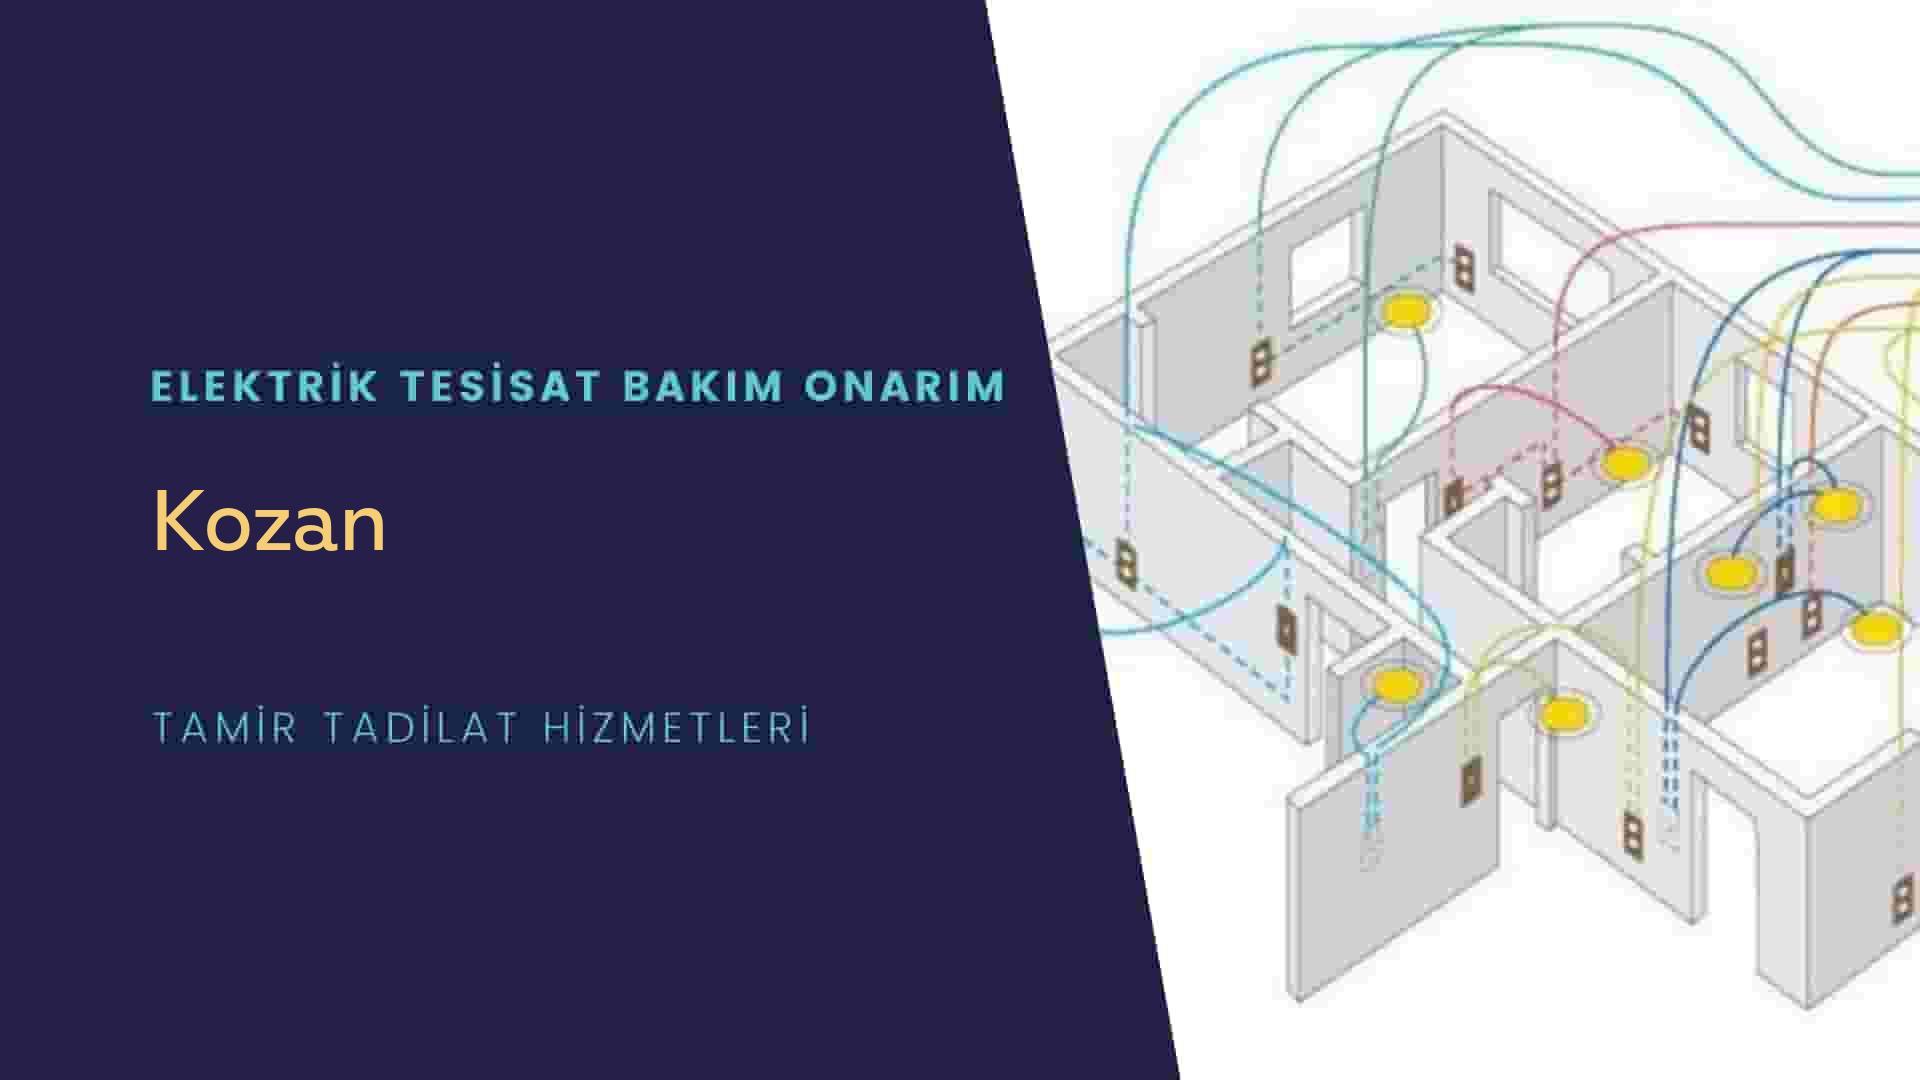 Kozan'da elektrik tesisatıustalarımı arıyorsunuz doğru adrestenizi Kozan elektrik tesisatı ustalarımız 7/24 sizlere hizmet vermekten mutluluk duyar.